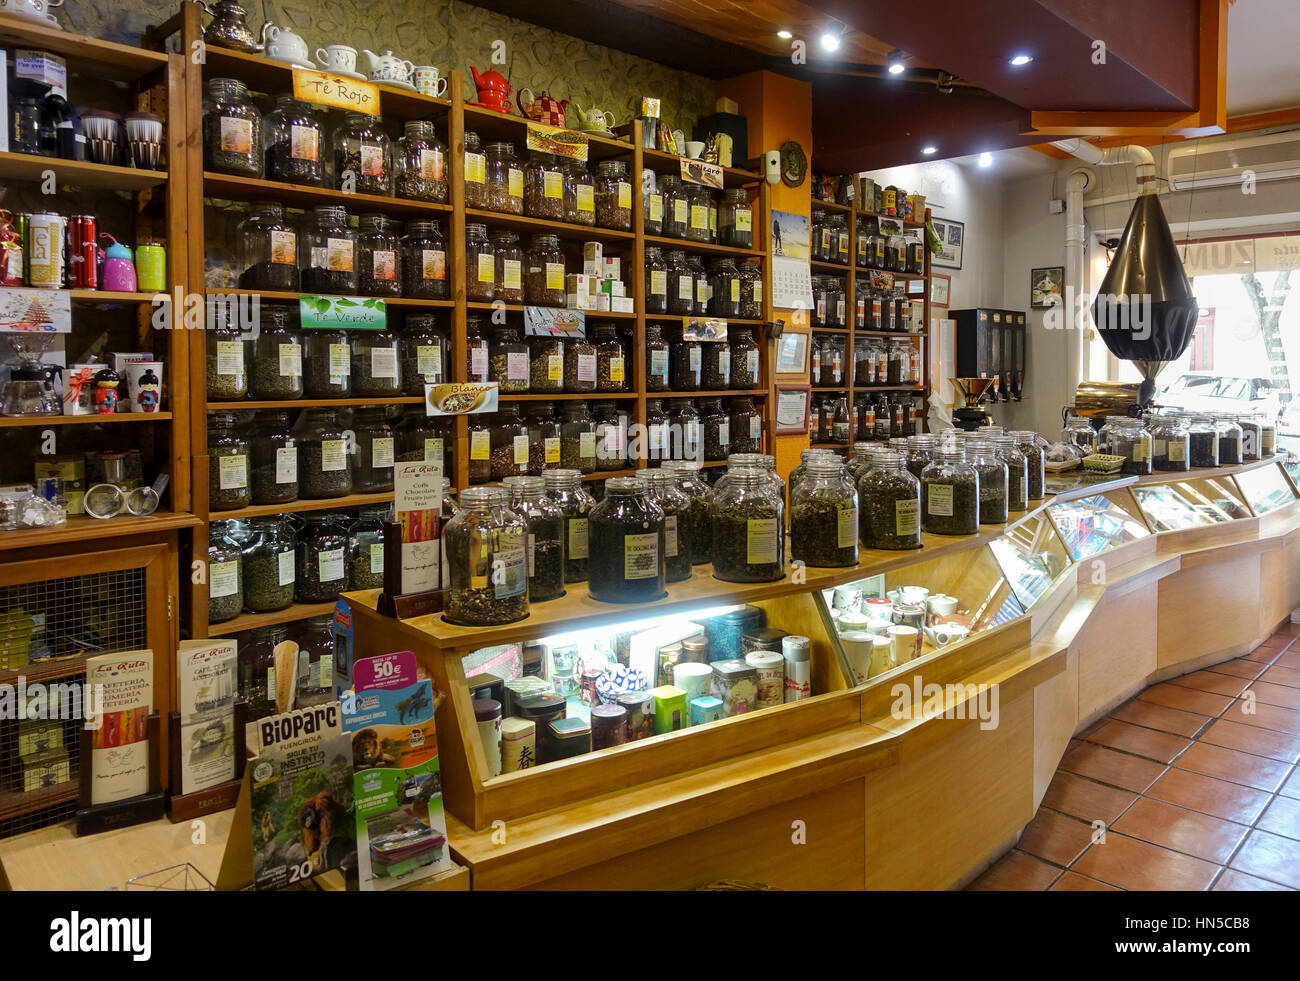 Top Innere des Tee-Shop riesige Auswahl an Tees und Kaffee, Spanien zu #FG_47